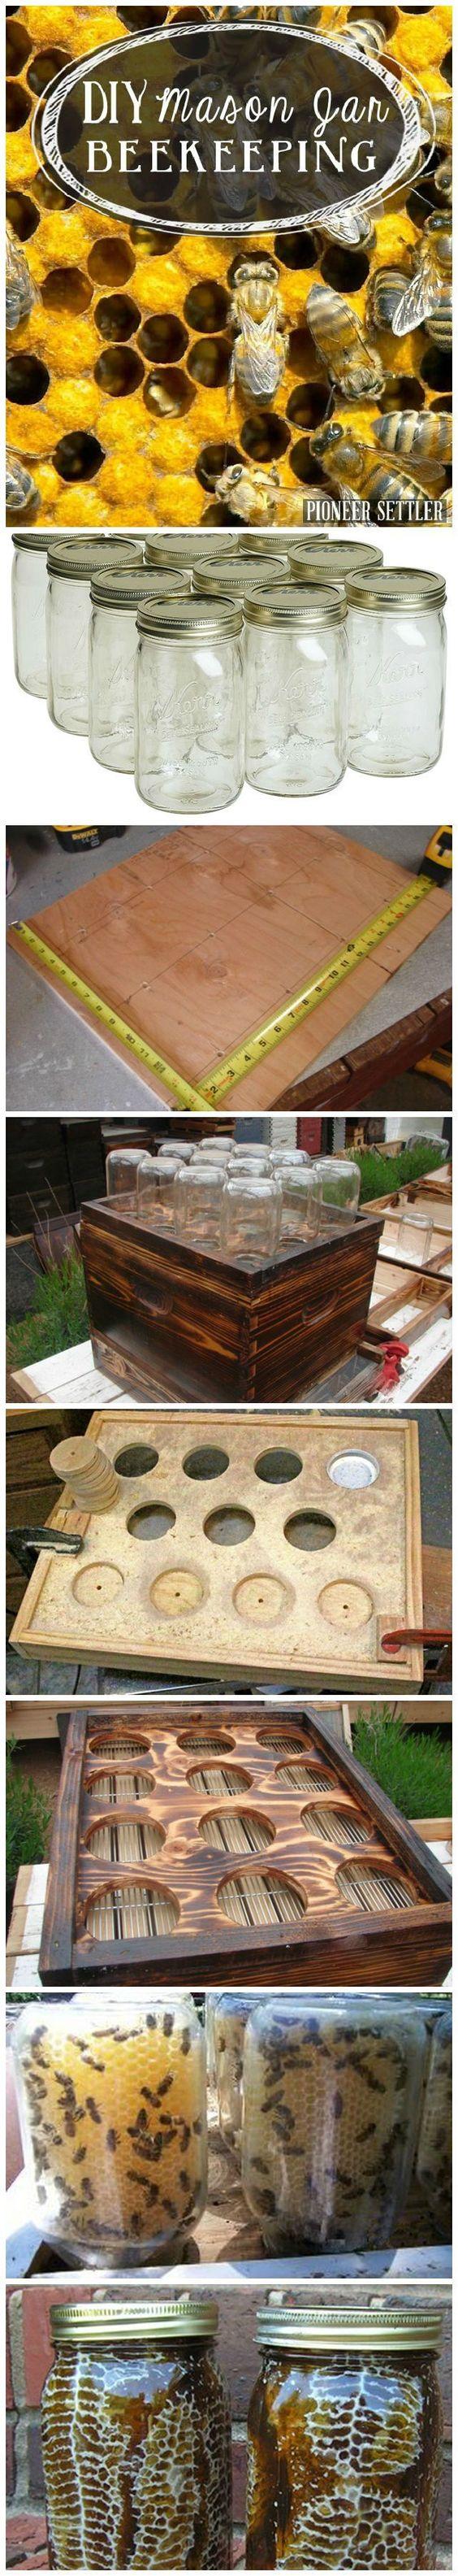 梅森罐养蜂是小空间的理想选择。按照这些简单,巧妙的步骤,在宅基地种植蜂箱。